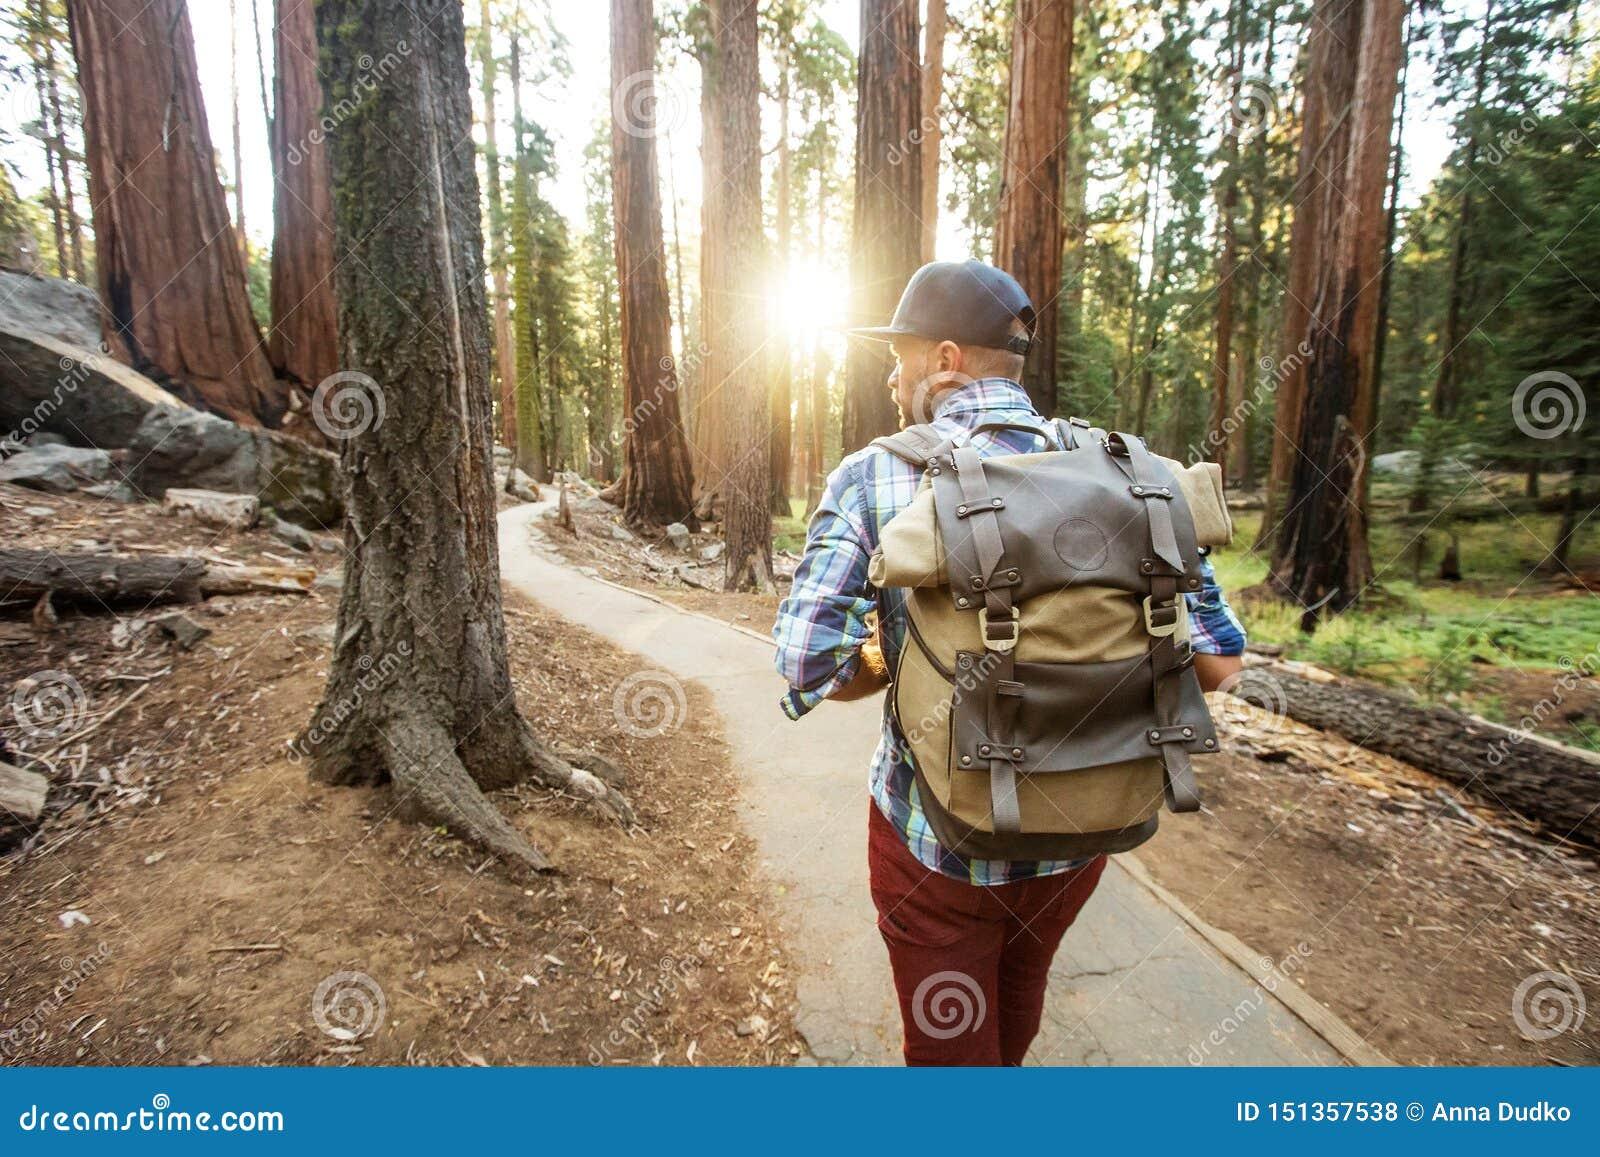 Wanderer im Nationalpark des Mammutbaums in Kalifornien, USA